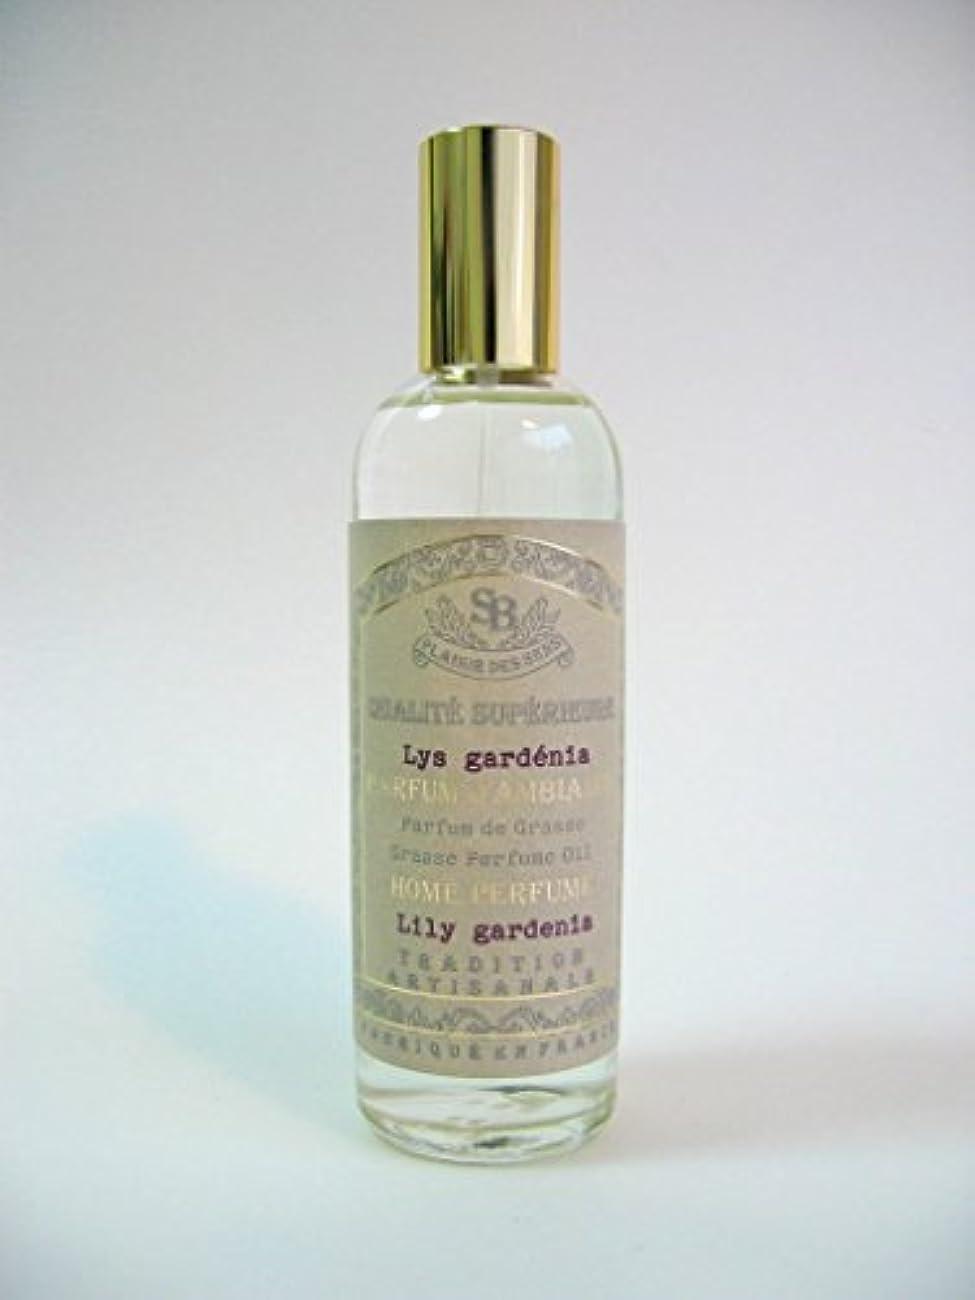 消費者早熟Senteur et Beaute(サンタールエボーテ) フレンチクラシックシリーズ ルームスプレー 100ml 「リリーガーデニア」 4994228021885